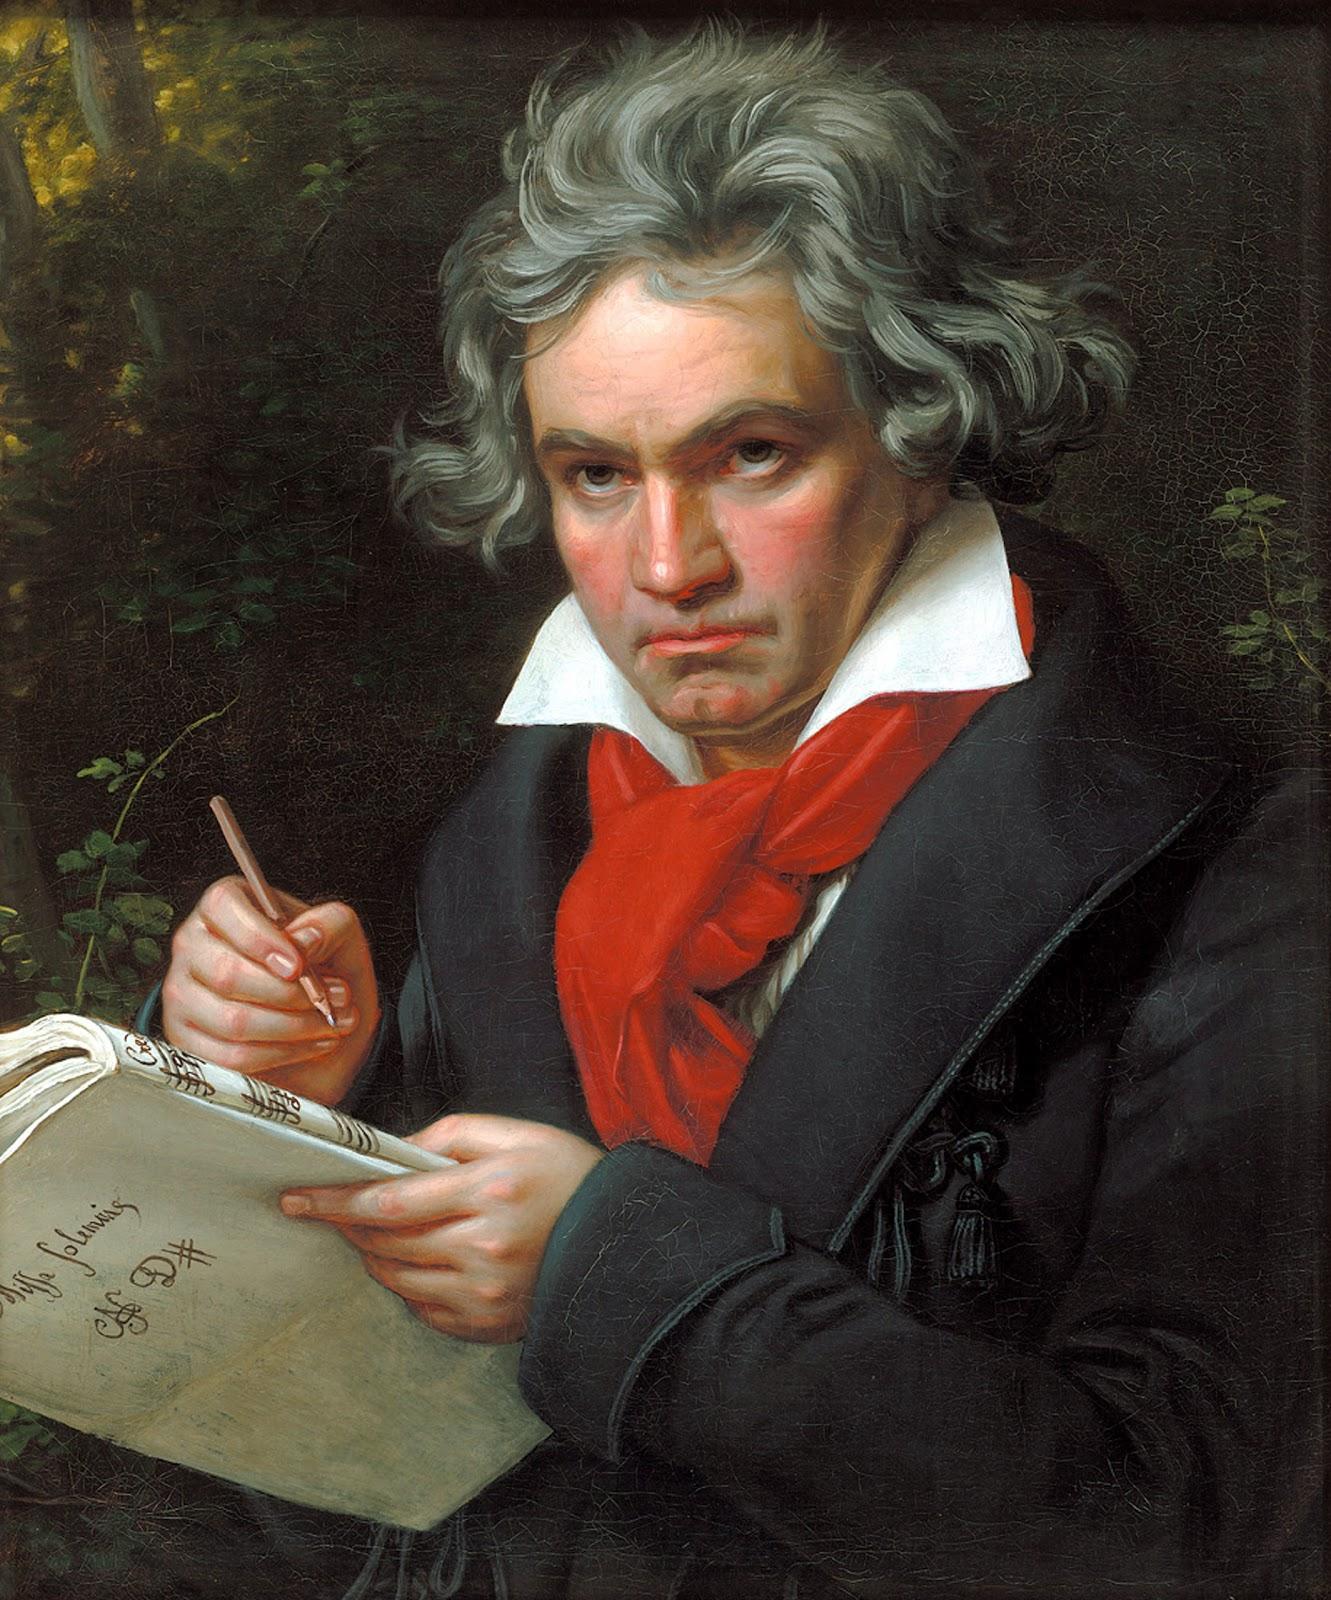 ヨーゼフ・カール・シュティーラーのルートヴィヒ・ヴァン・ベートーヴェンの肖像